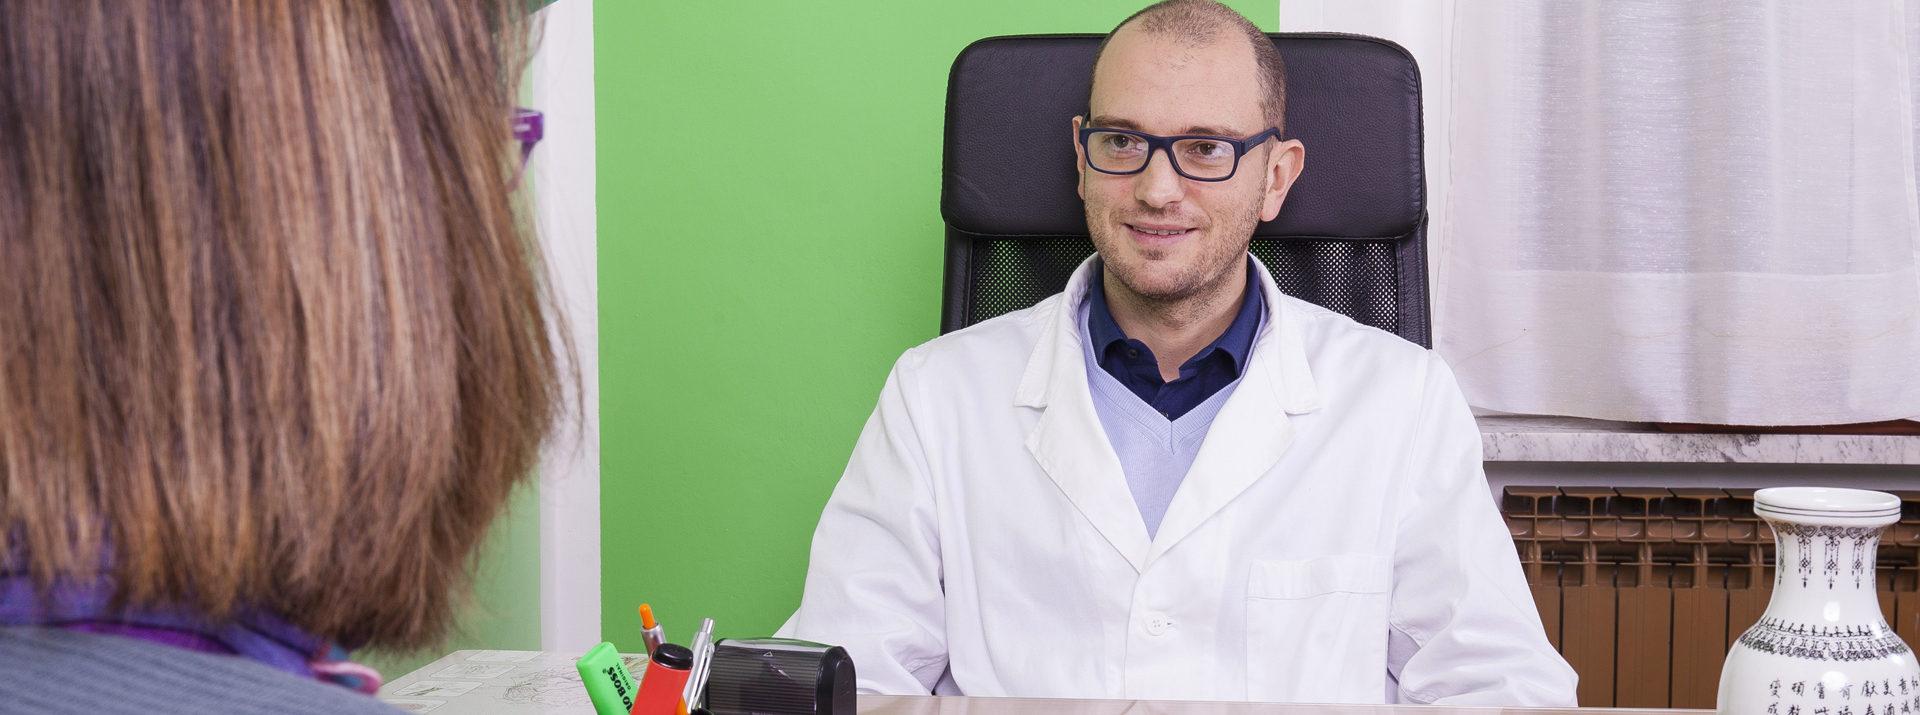 Medico chirurgo Diploma FISA e Master in pratica clinica agopuntura